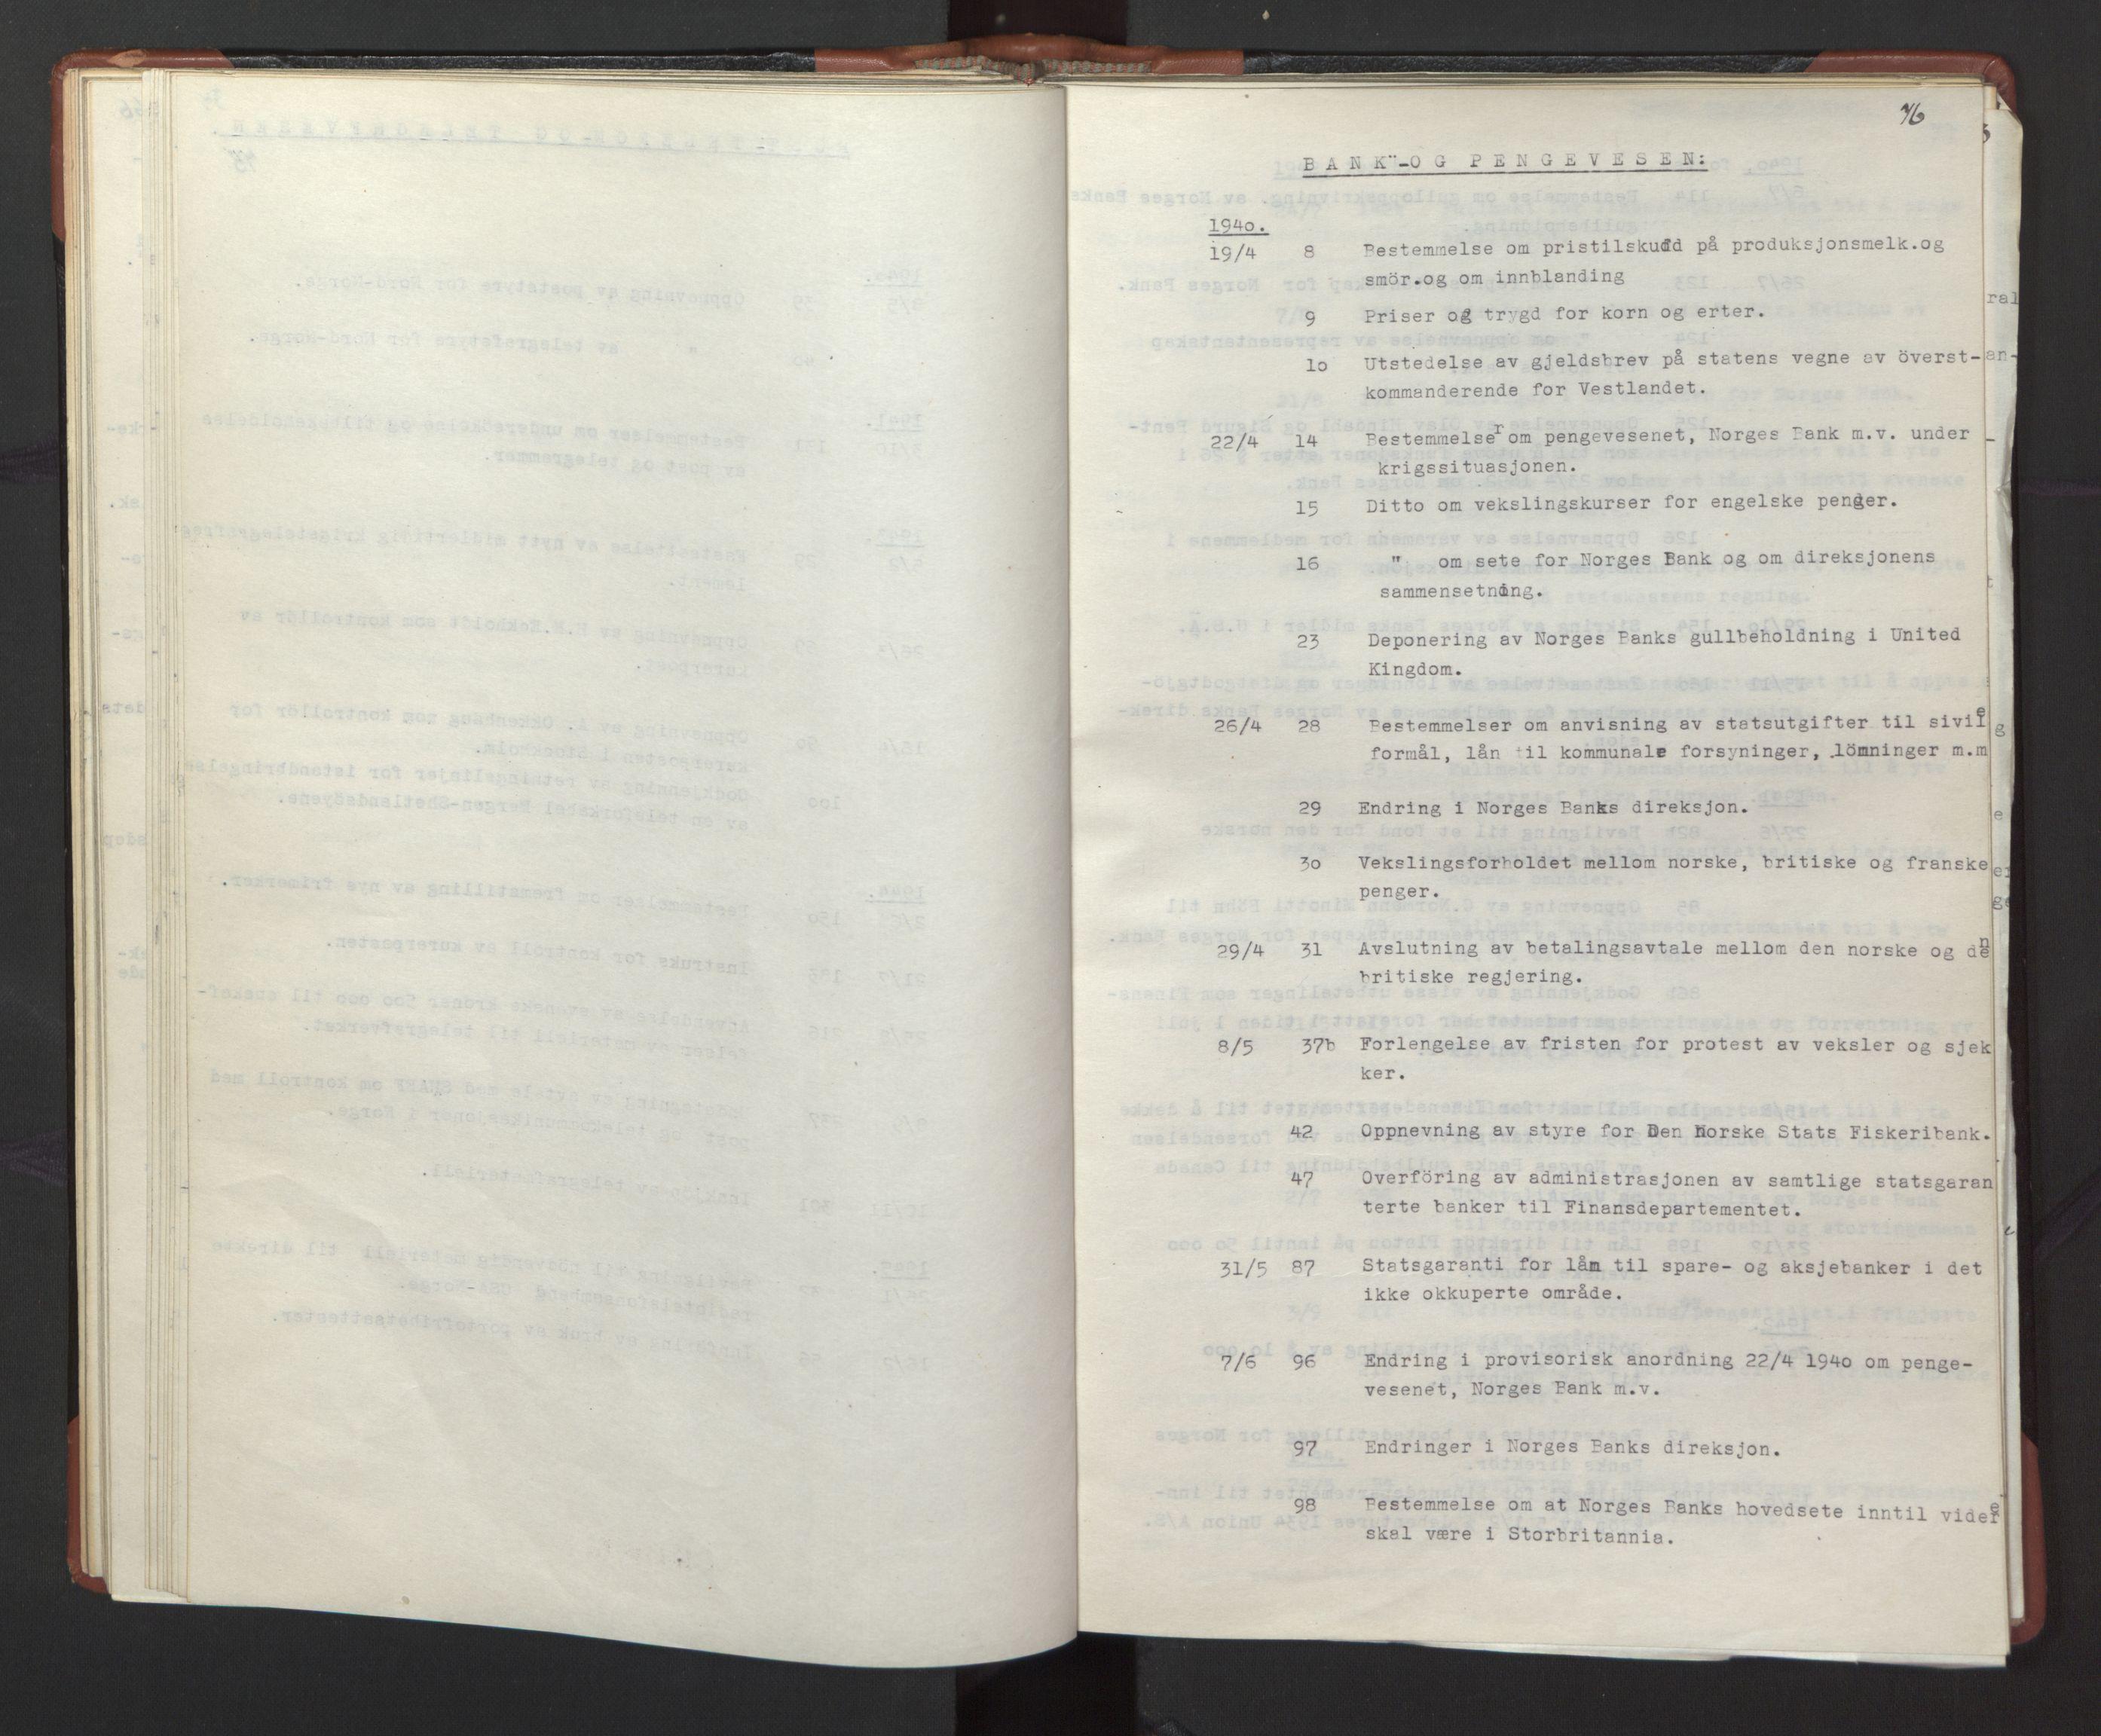 RA, Statsrådssekretariatet, A/Ac/L0127: Register 9/4-25/5, 1940-1945, s. 76